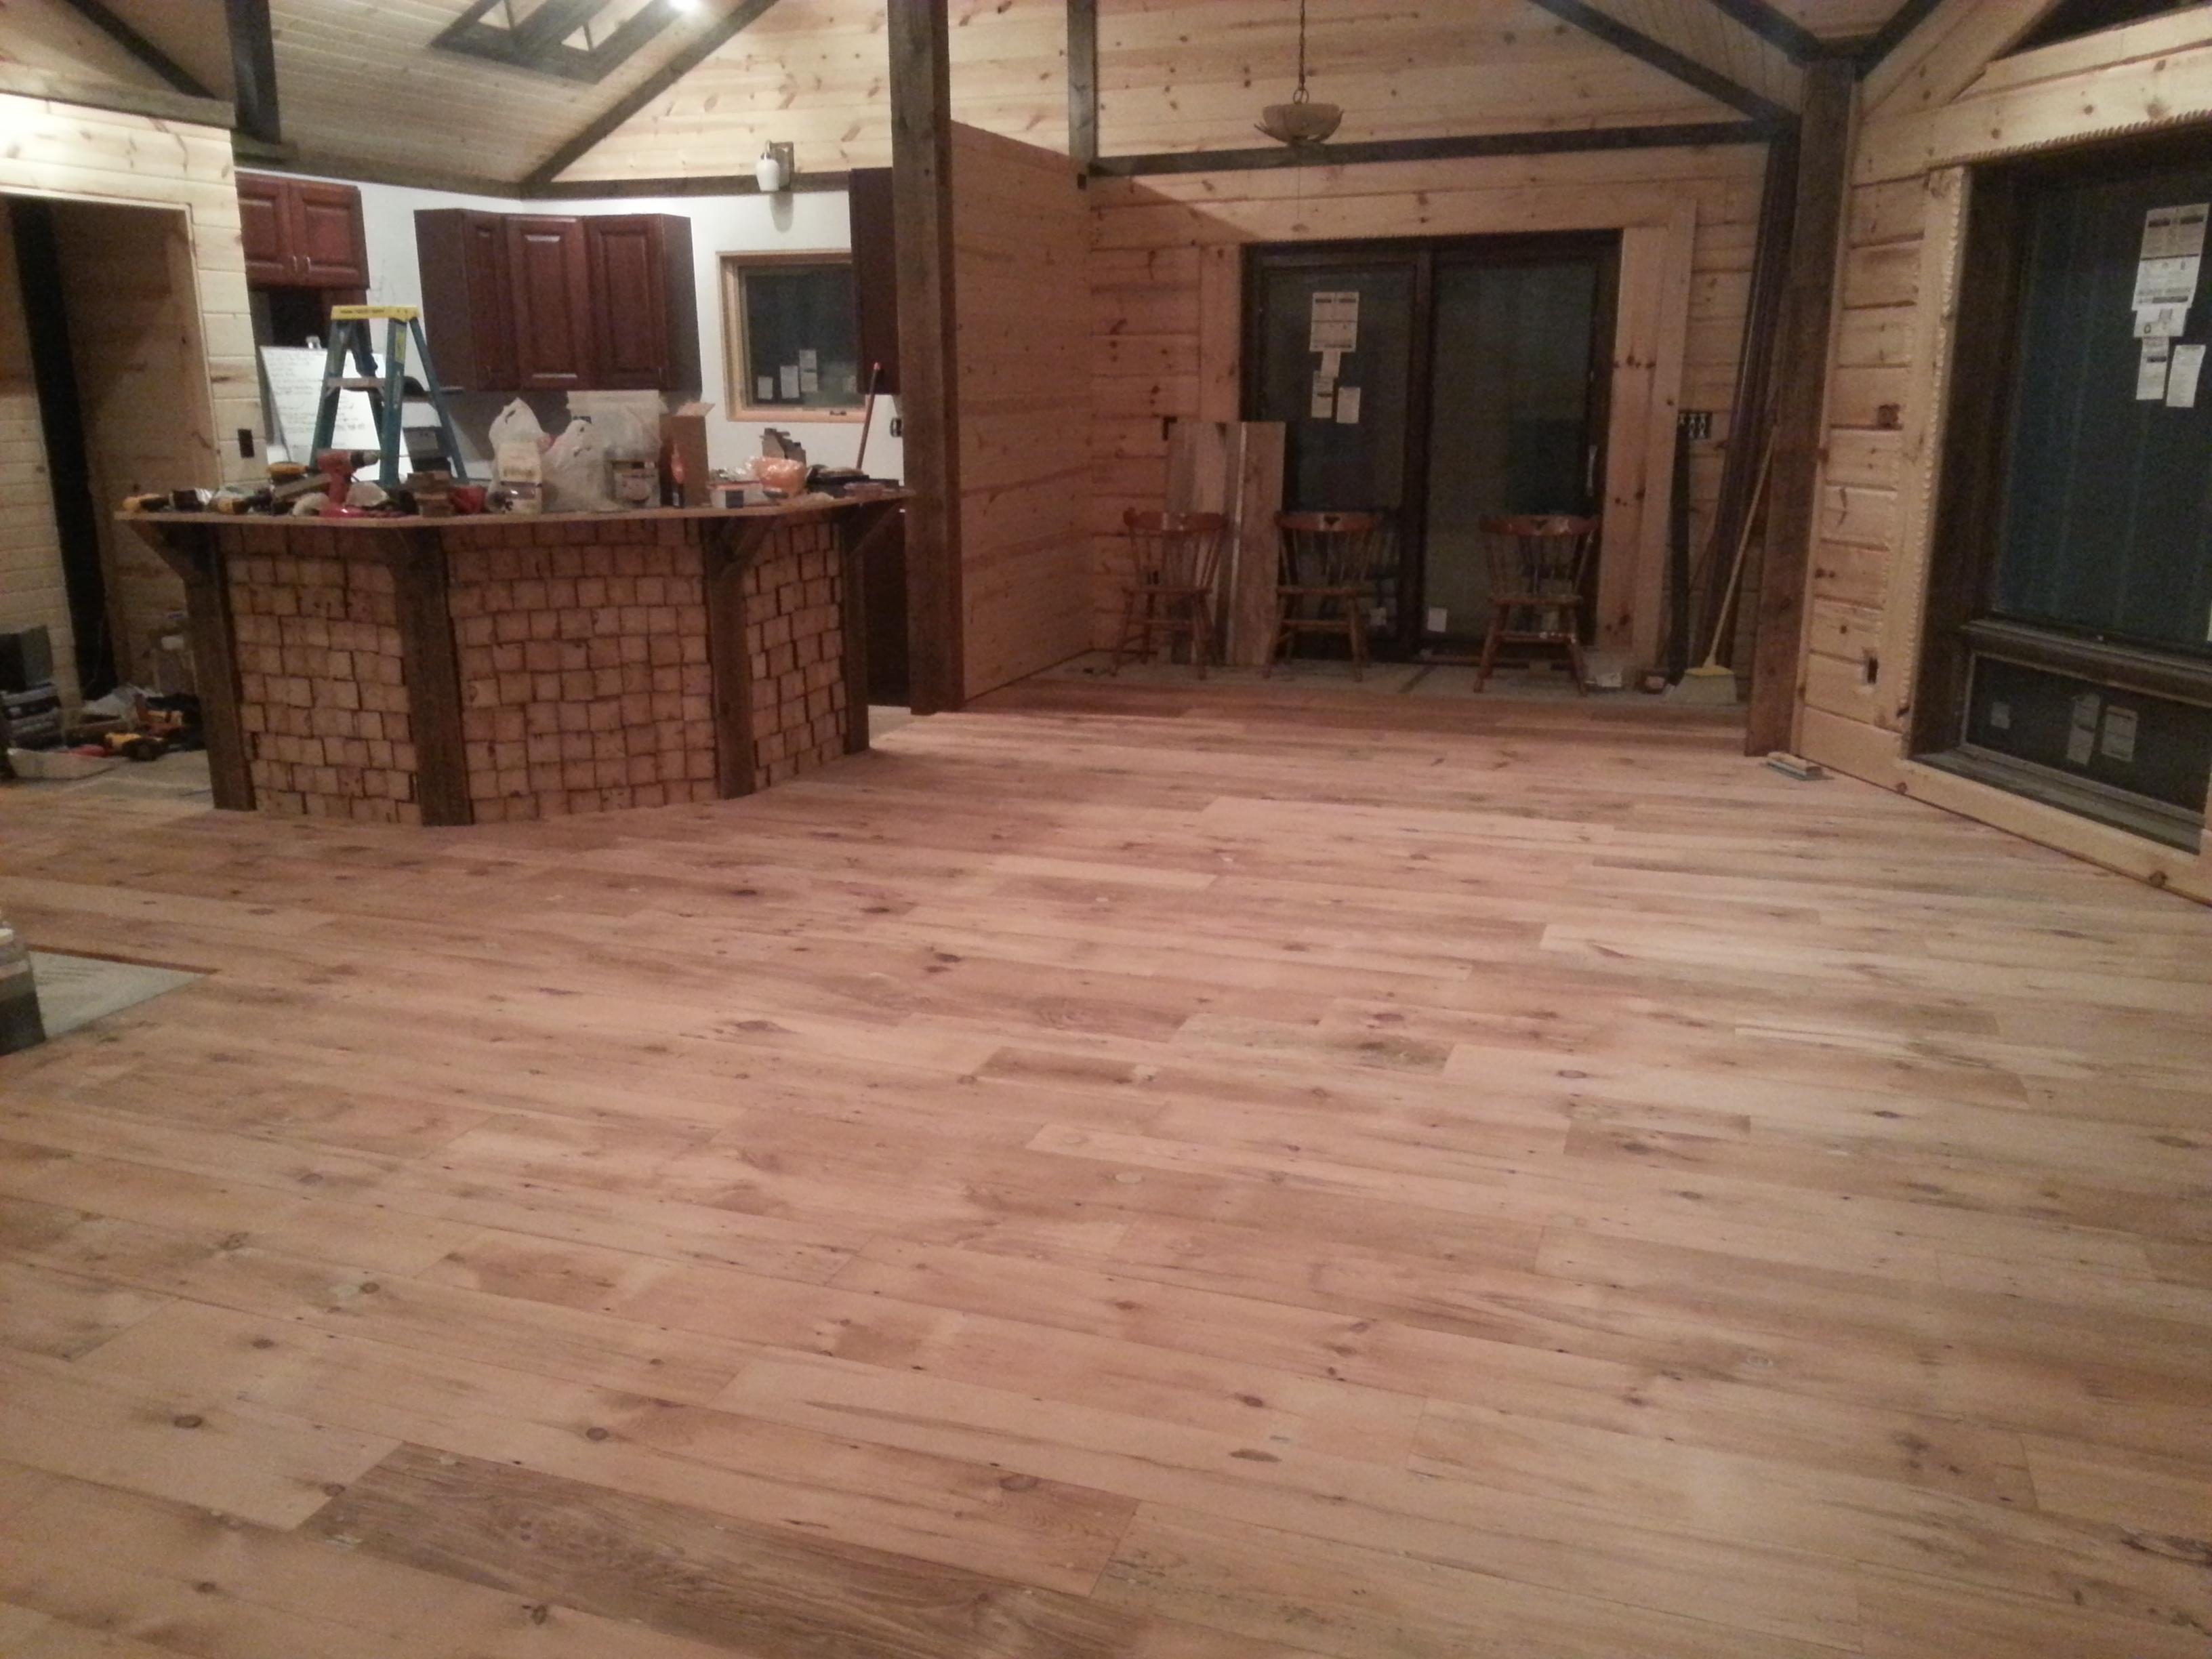 Barnwood Floor and Island Finished